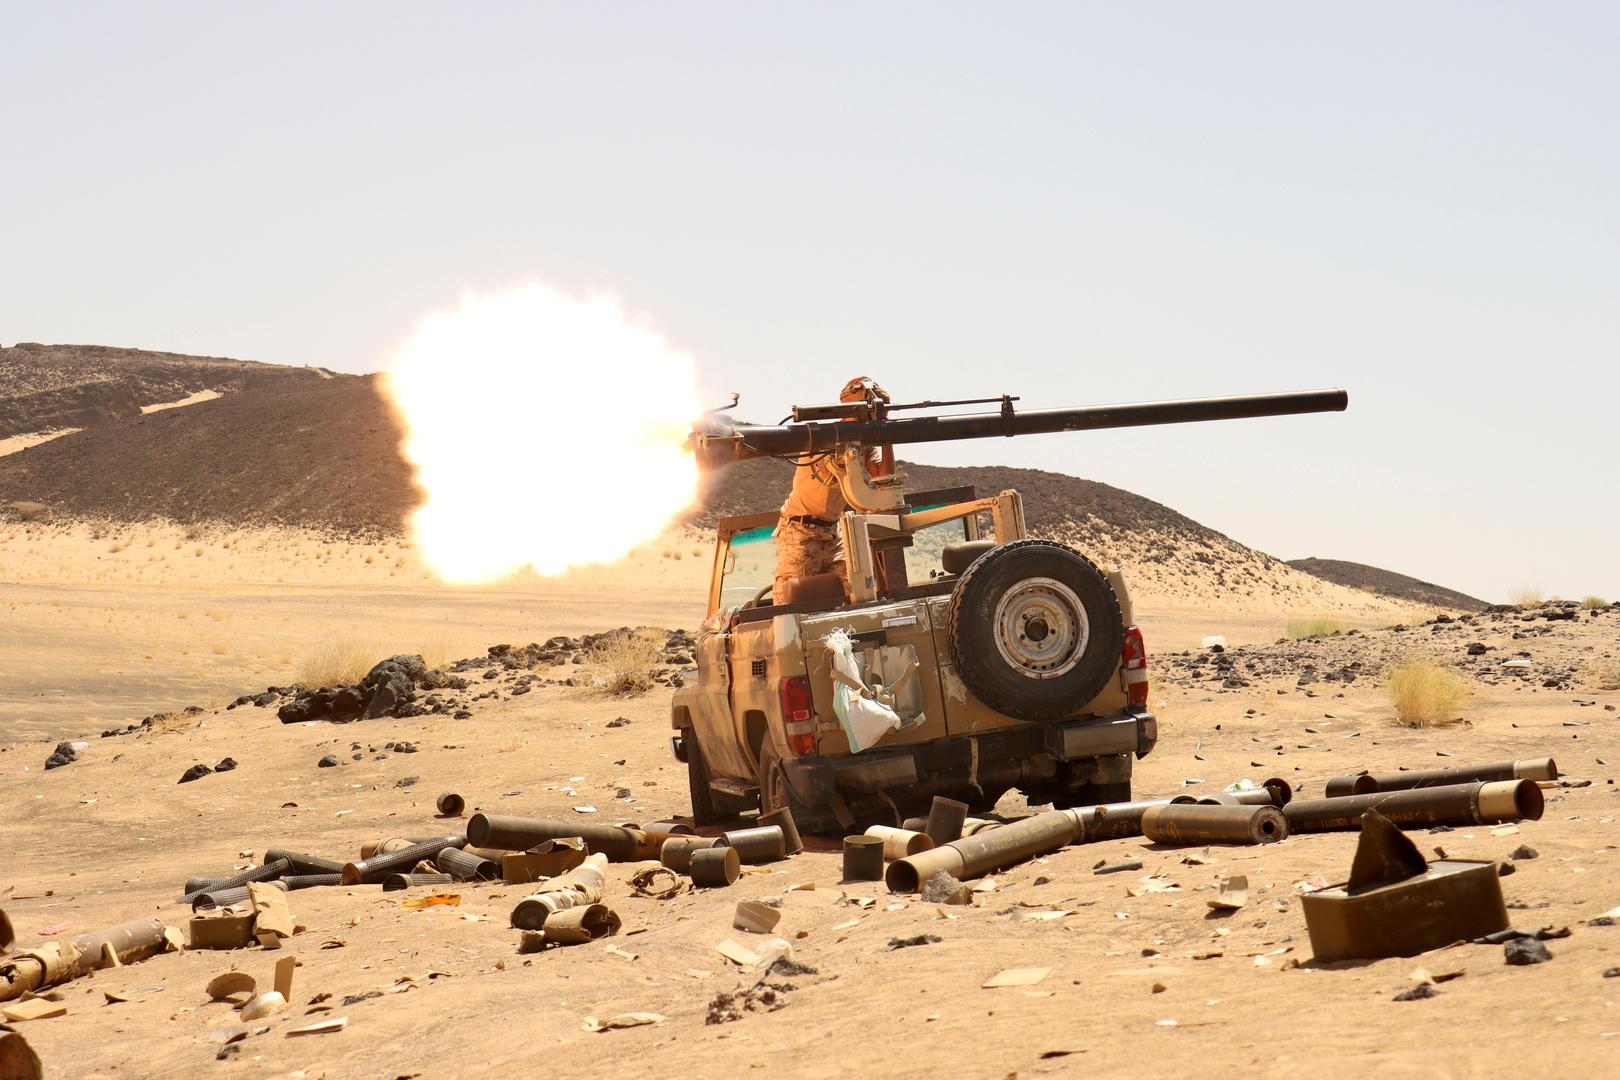 اليمن.. اشتداد المعارك بين الحوثيين والجيش اليمني في محيط مدينة مأرب